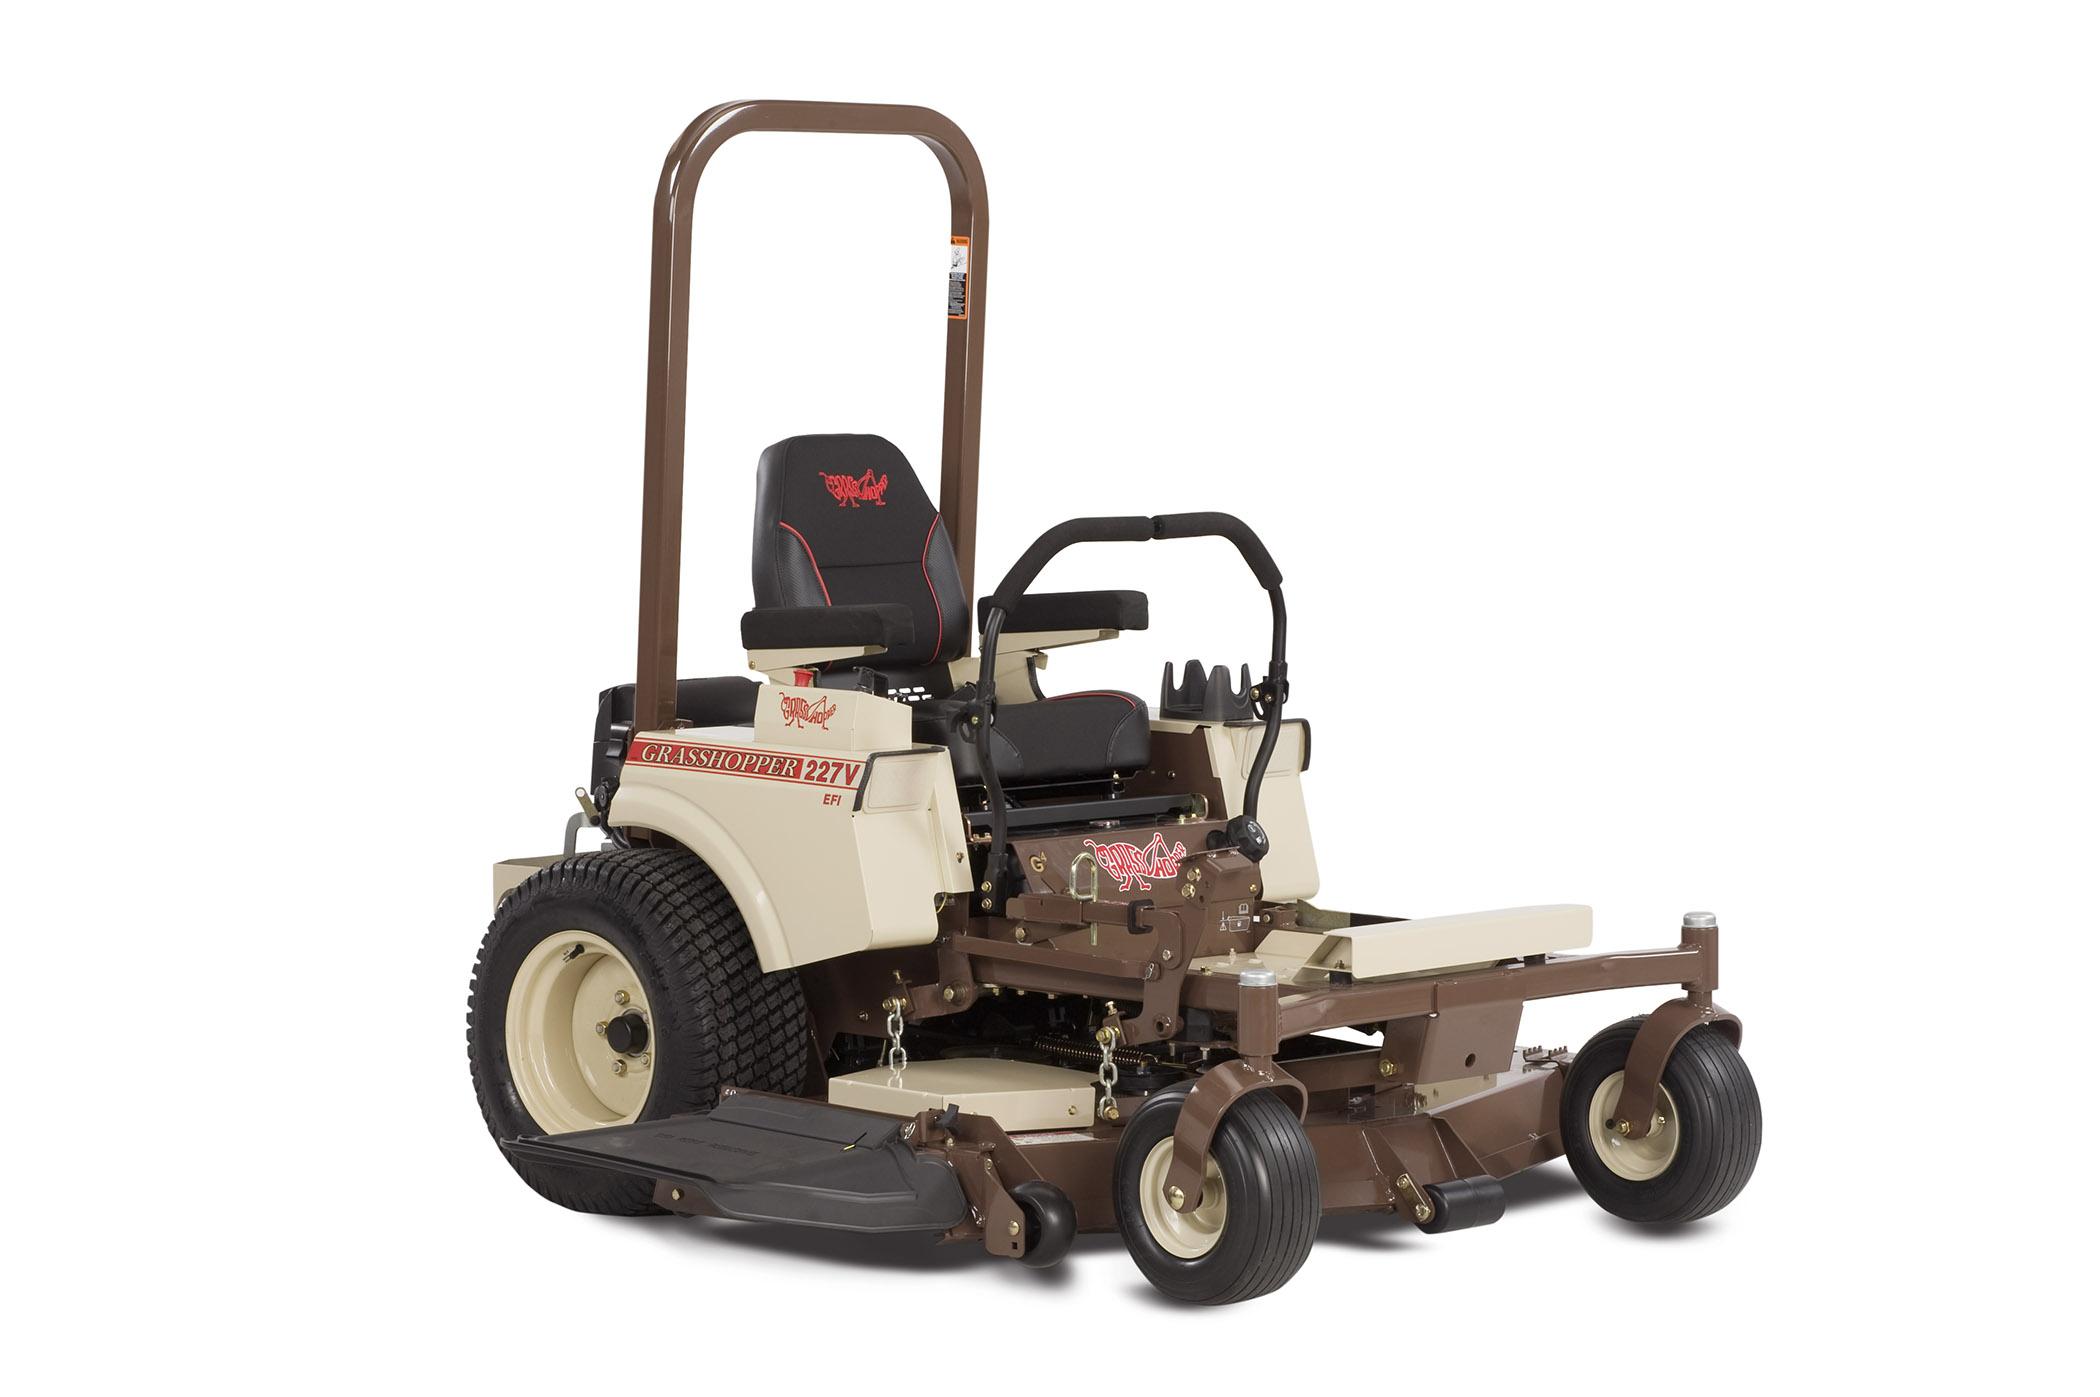 MidMount 227V-G4 EFI | Grasshopper Mower